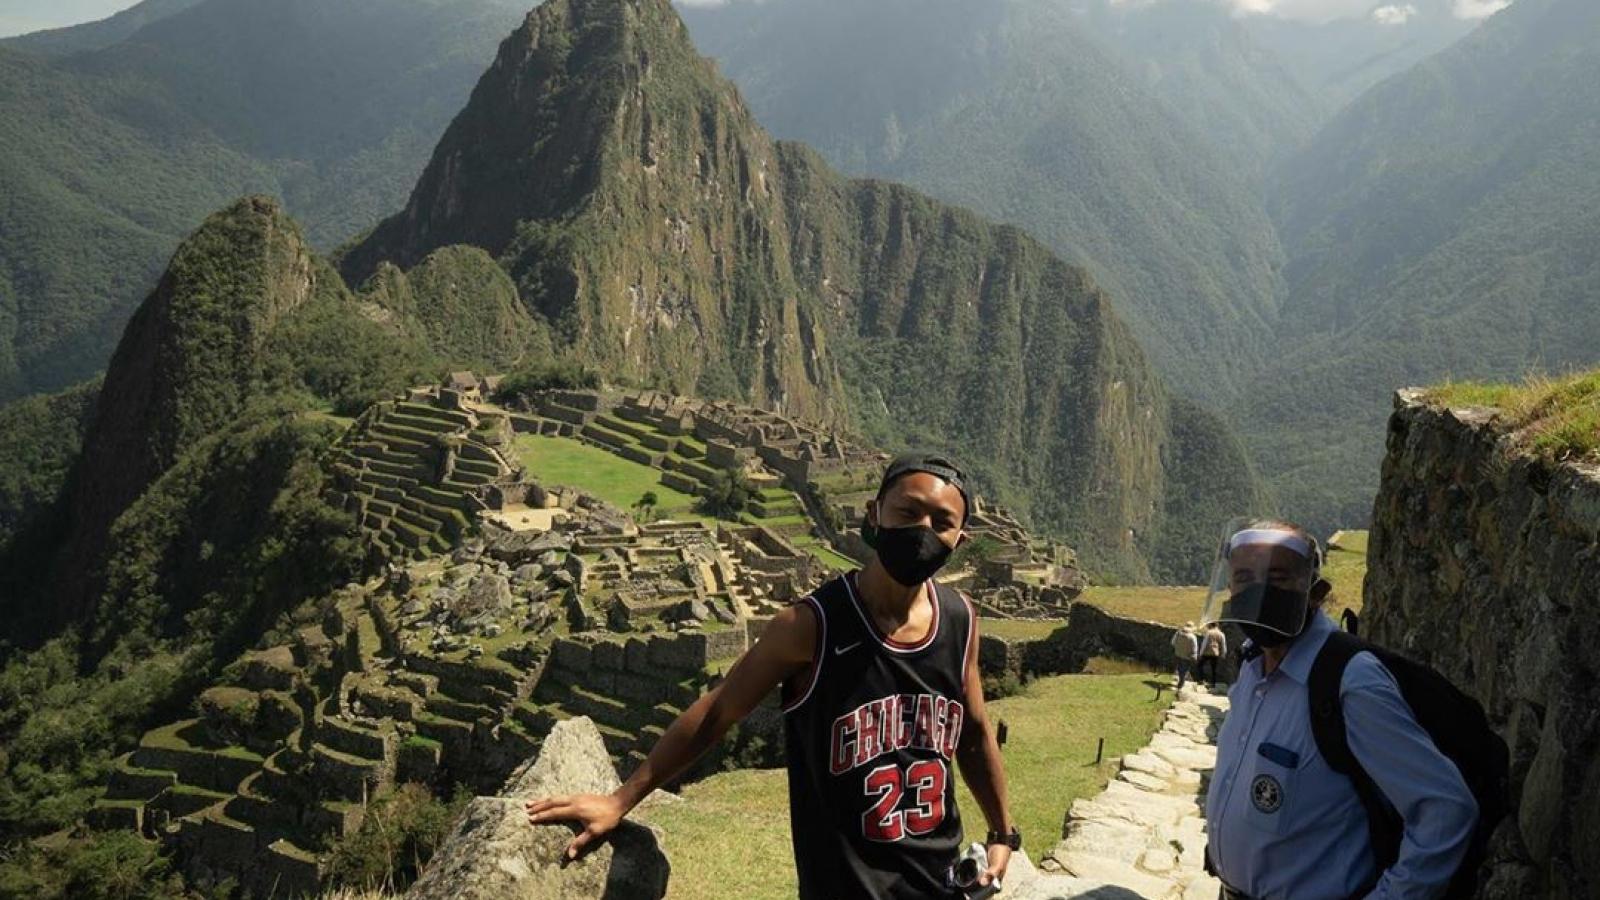 Di tích Machu Picchu mở cửa chỉ để đón đúng một vị khách